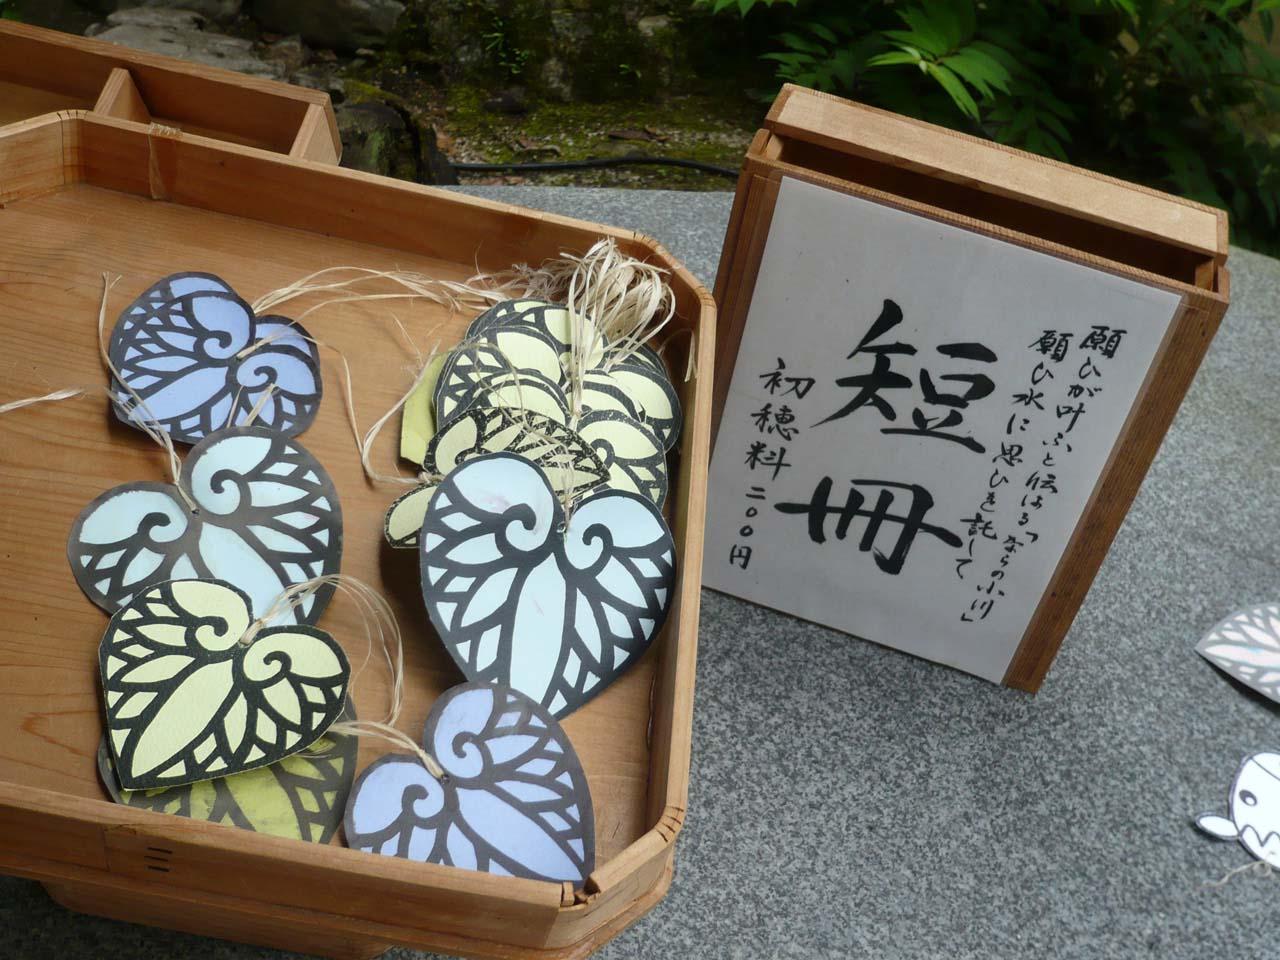 上賀茂神社 二葉葵のすかし短冊